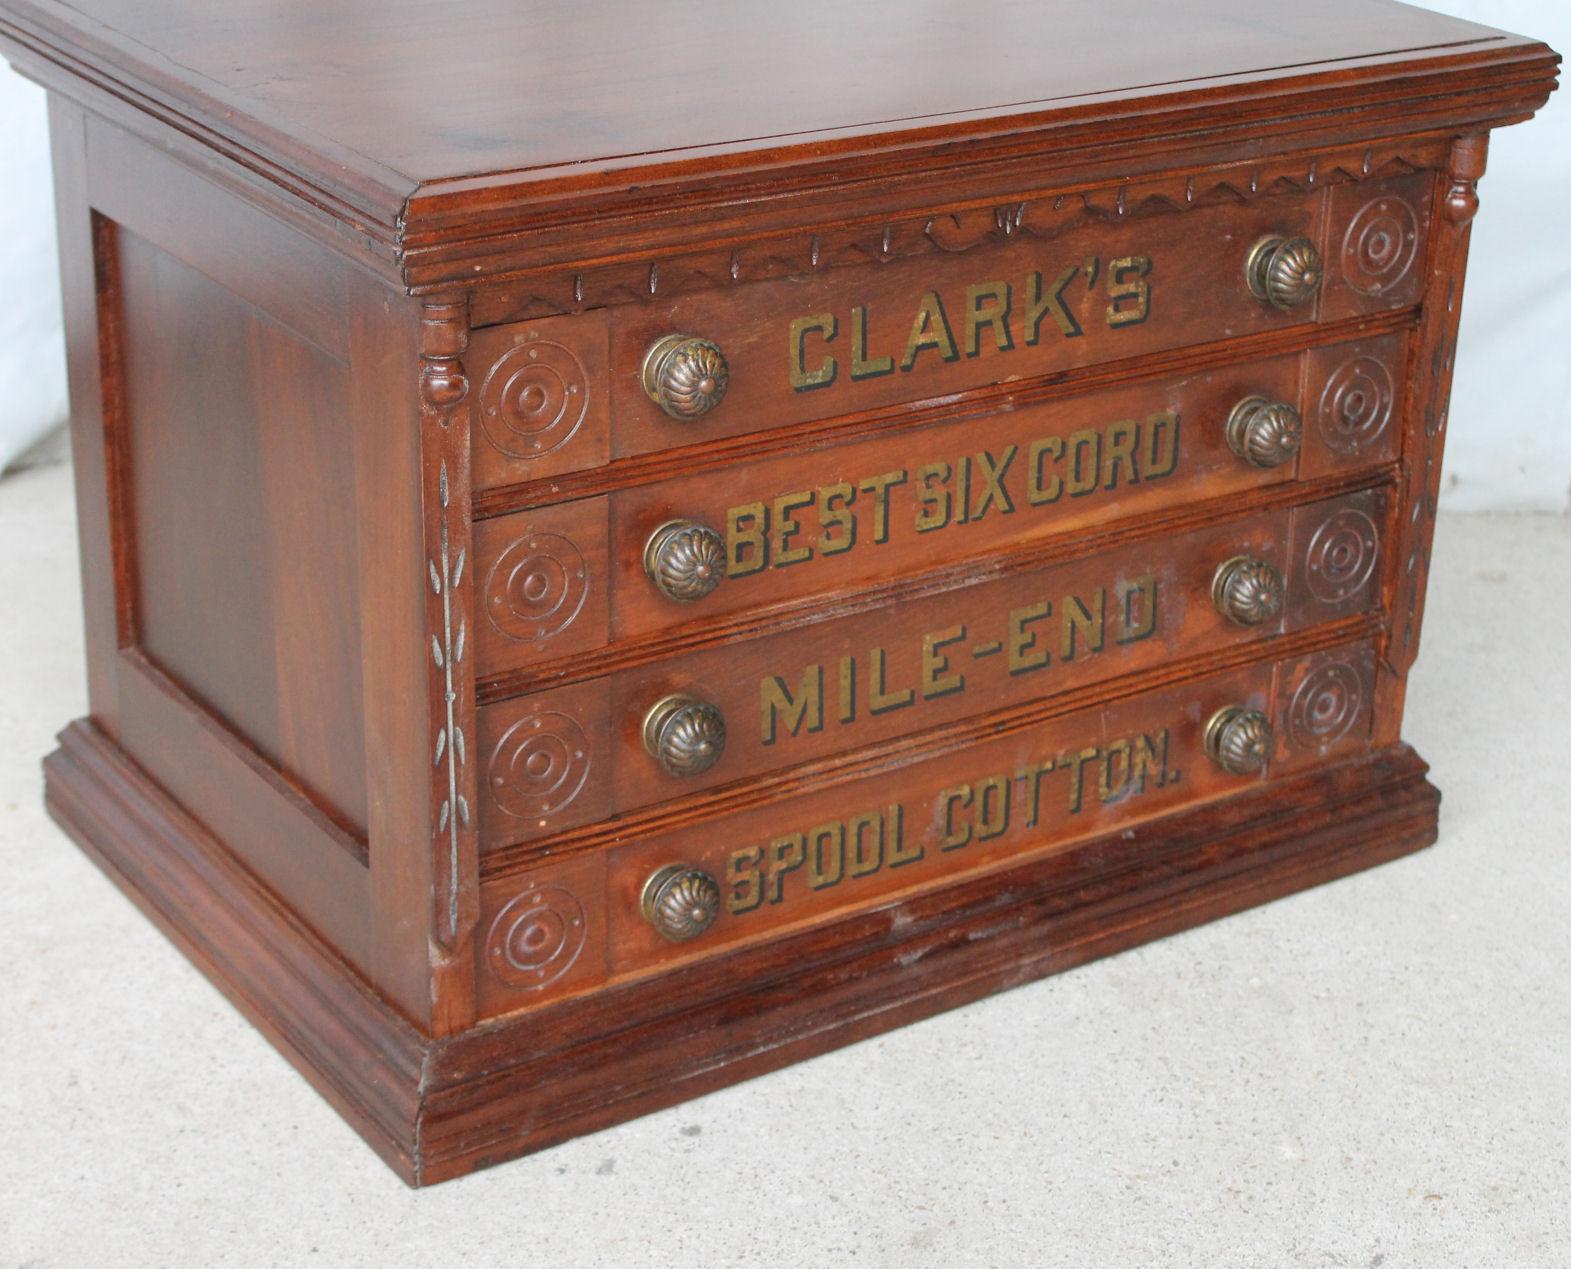 Bargain Johns Antiques  Antique Clarks four drawer